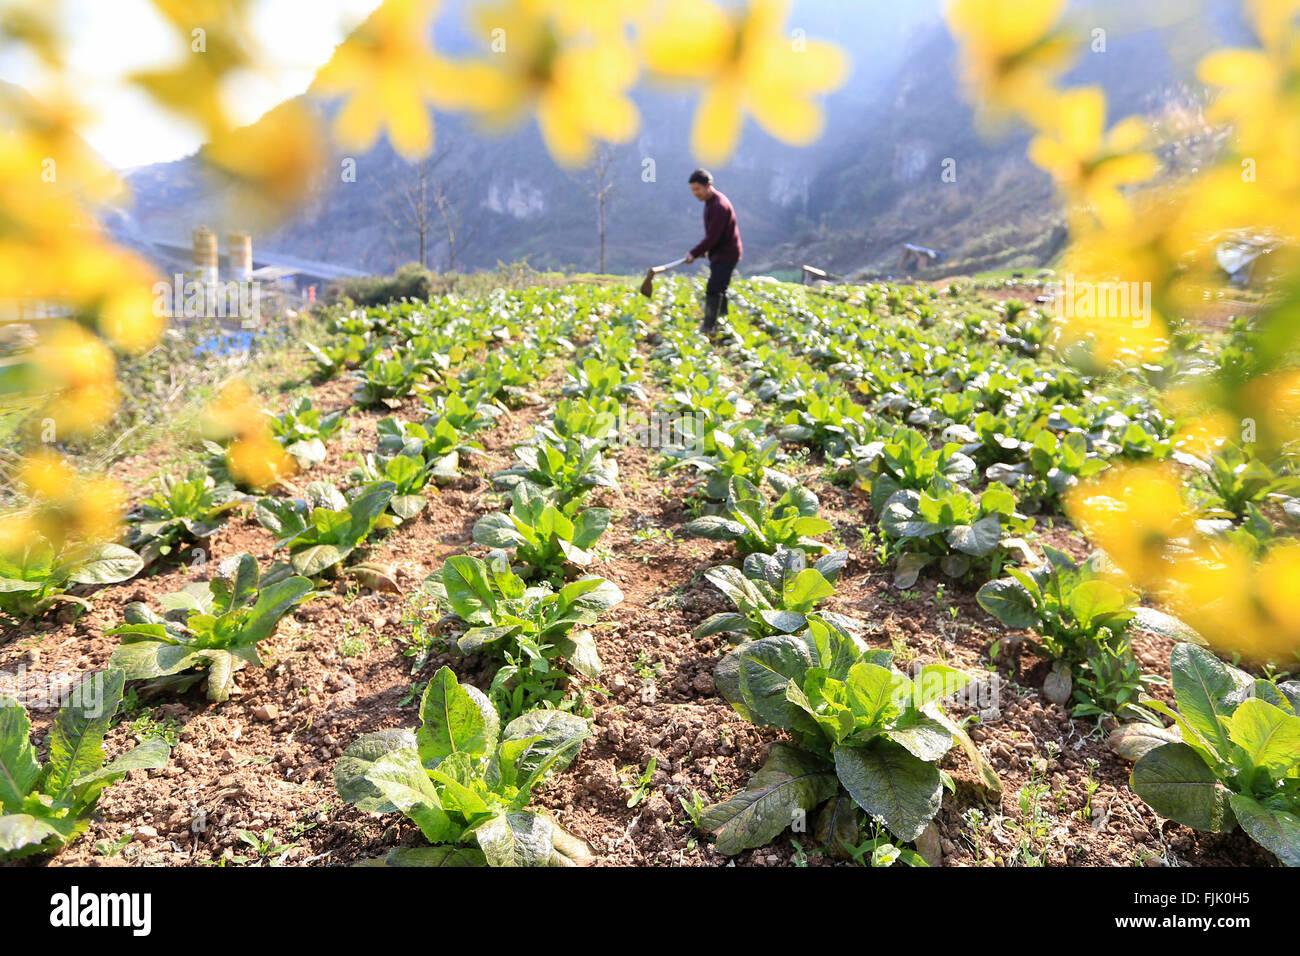 Qiandongnan. 1. März 2016. Ein Bauer arbeitet in den Bereichen am Yuangu Township im Südwesten Chinas Stockbild